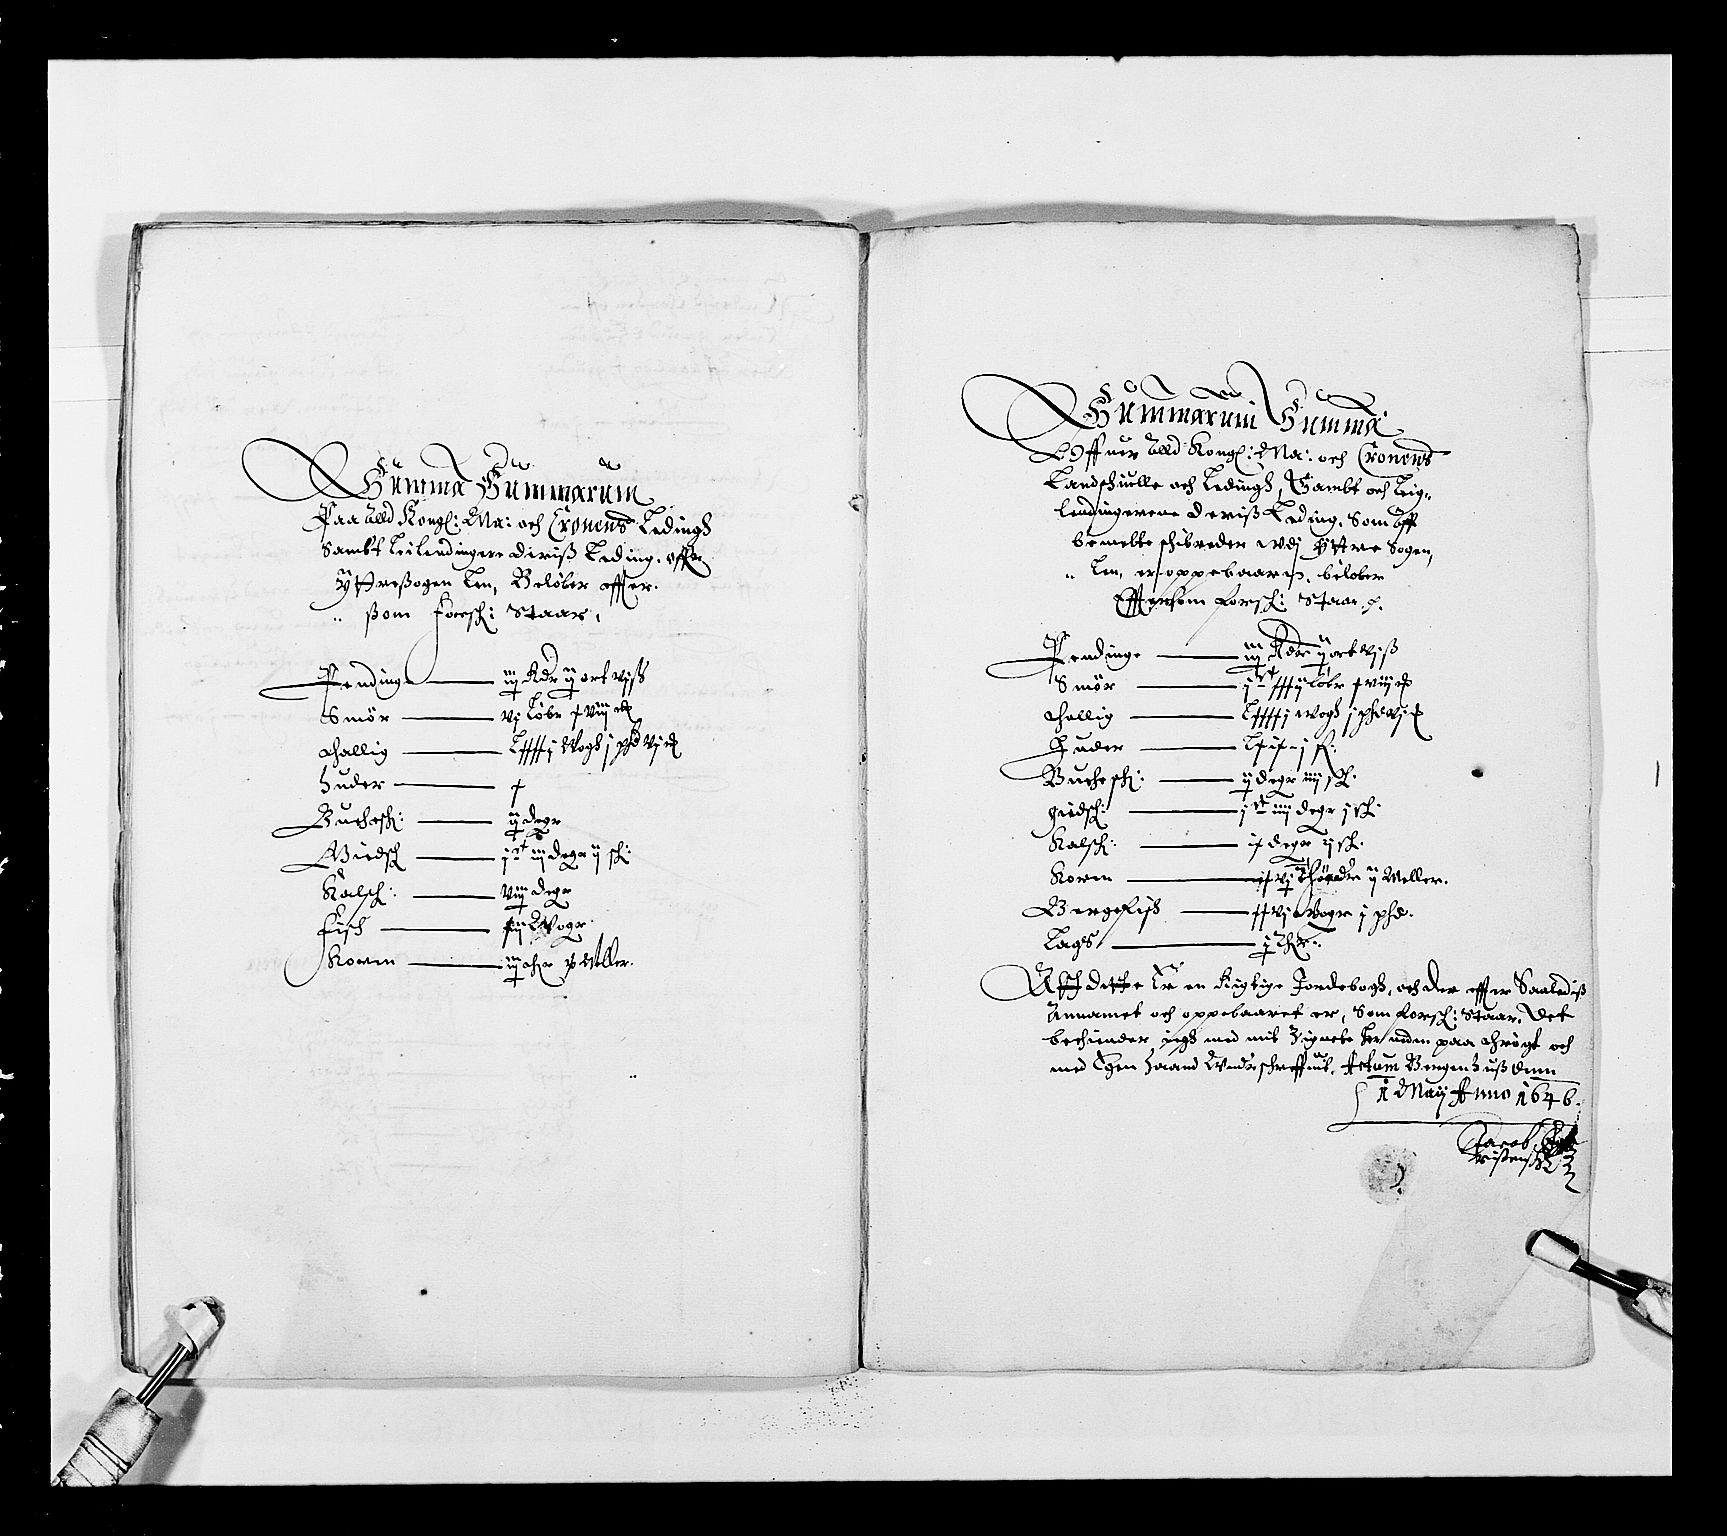 RA, Stattholderembetet 1572-1771, Ek/L0025: Jordebøker 1633-1658:, 1645-1646, s. 140